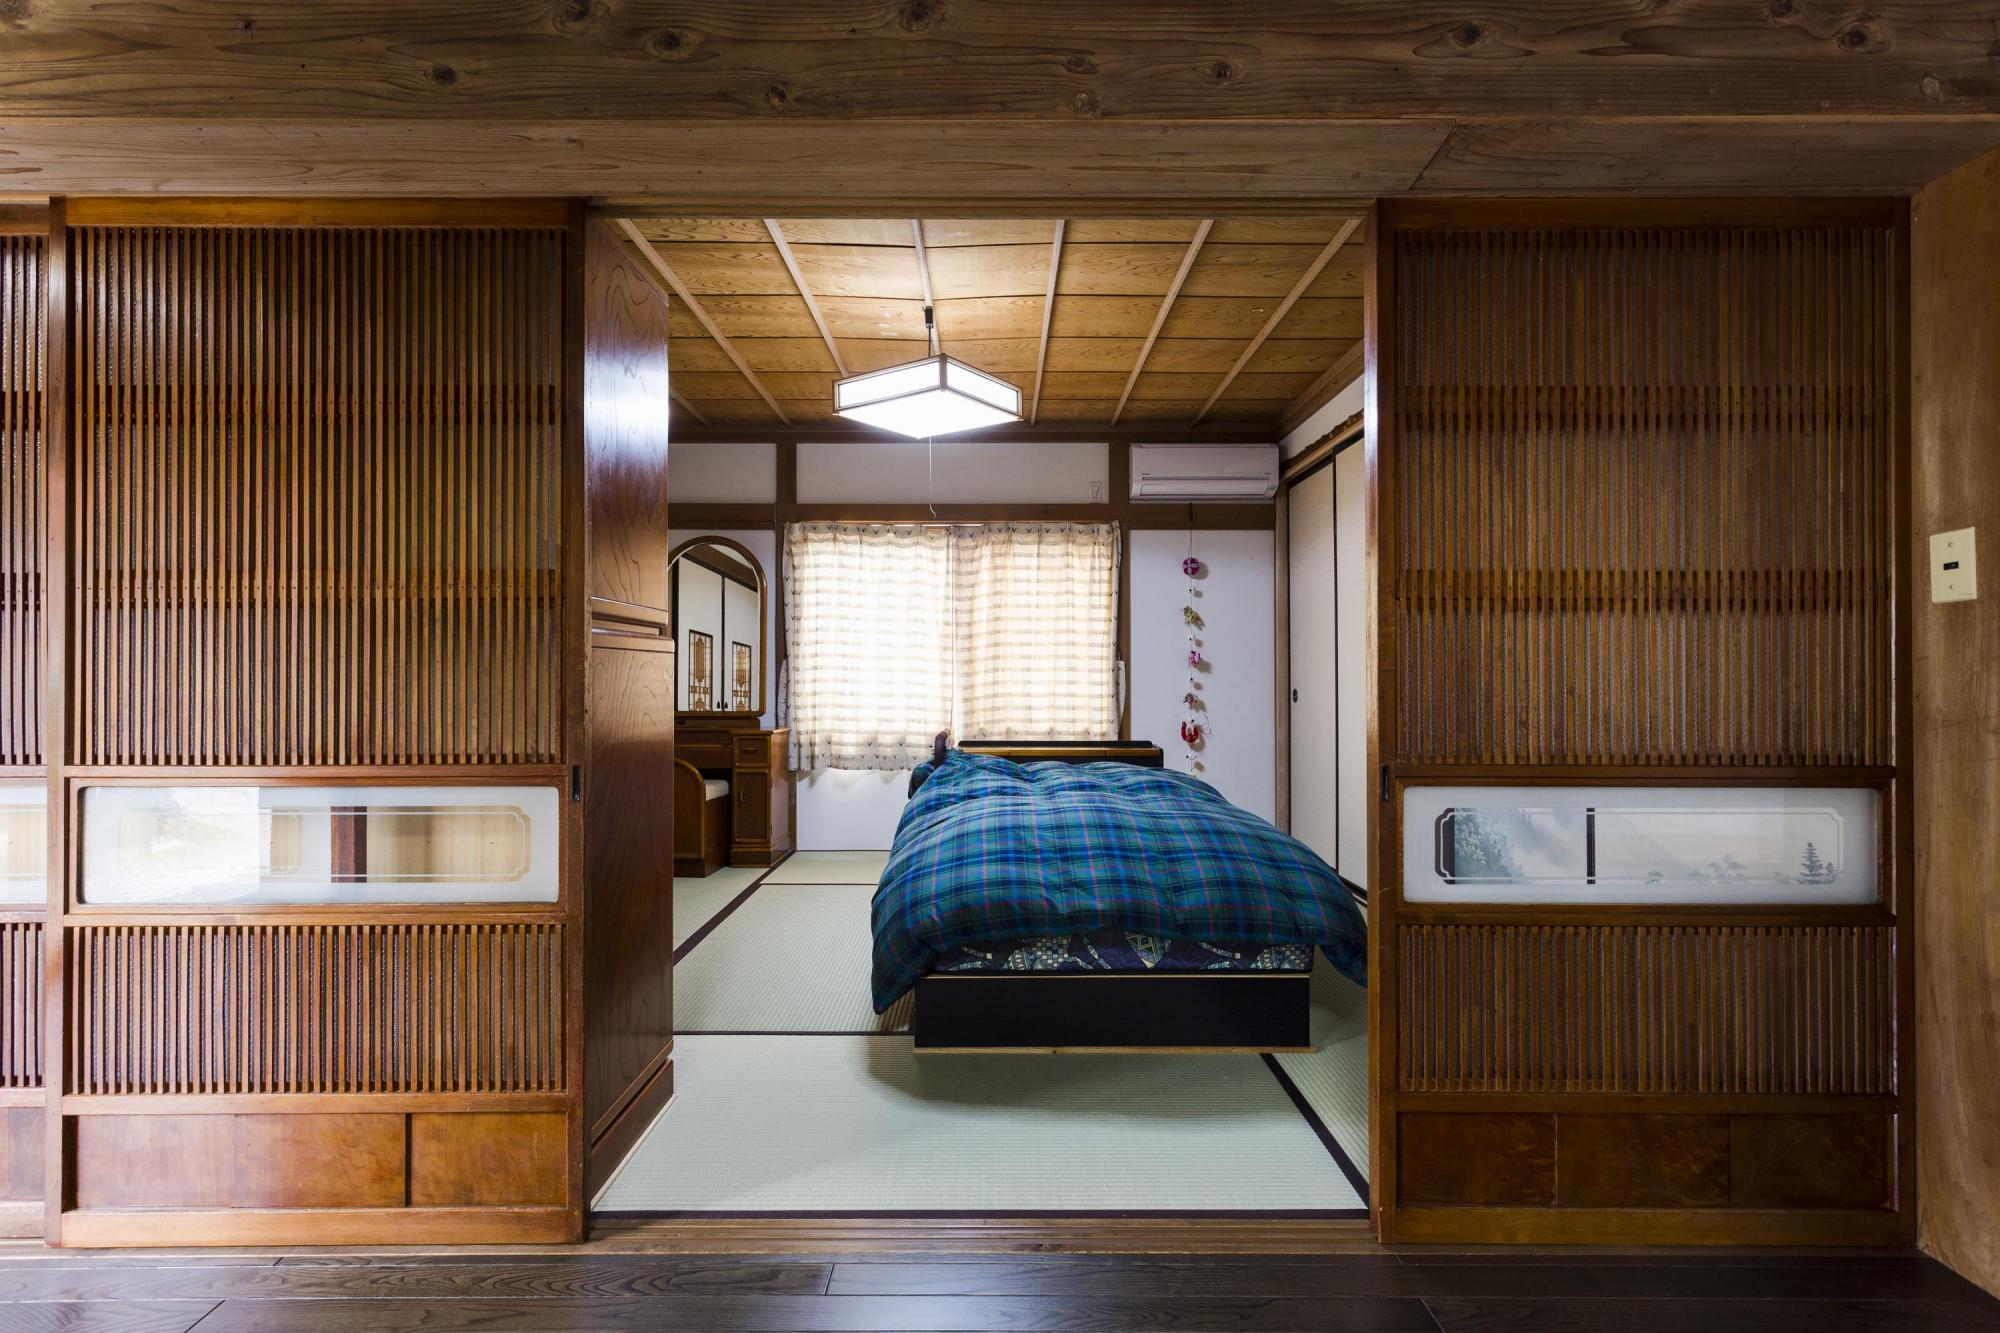 お母様の寝室。建具は既存のままに、壁は塗り替え、畳は新しく取り替えた。